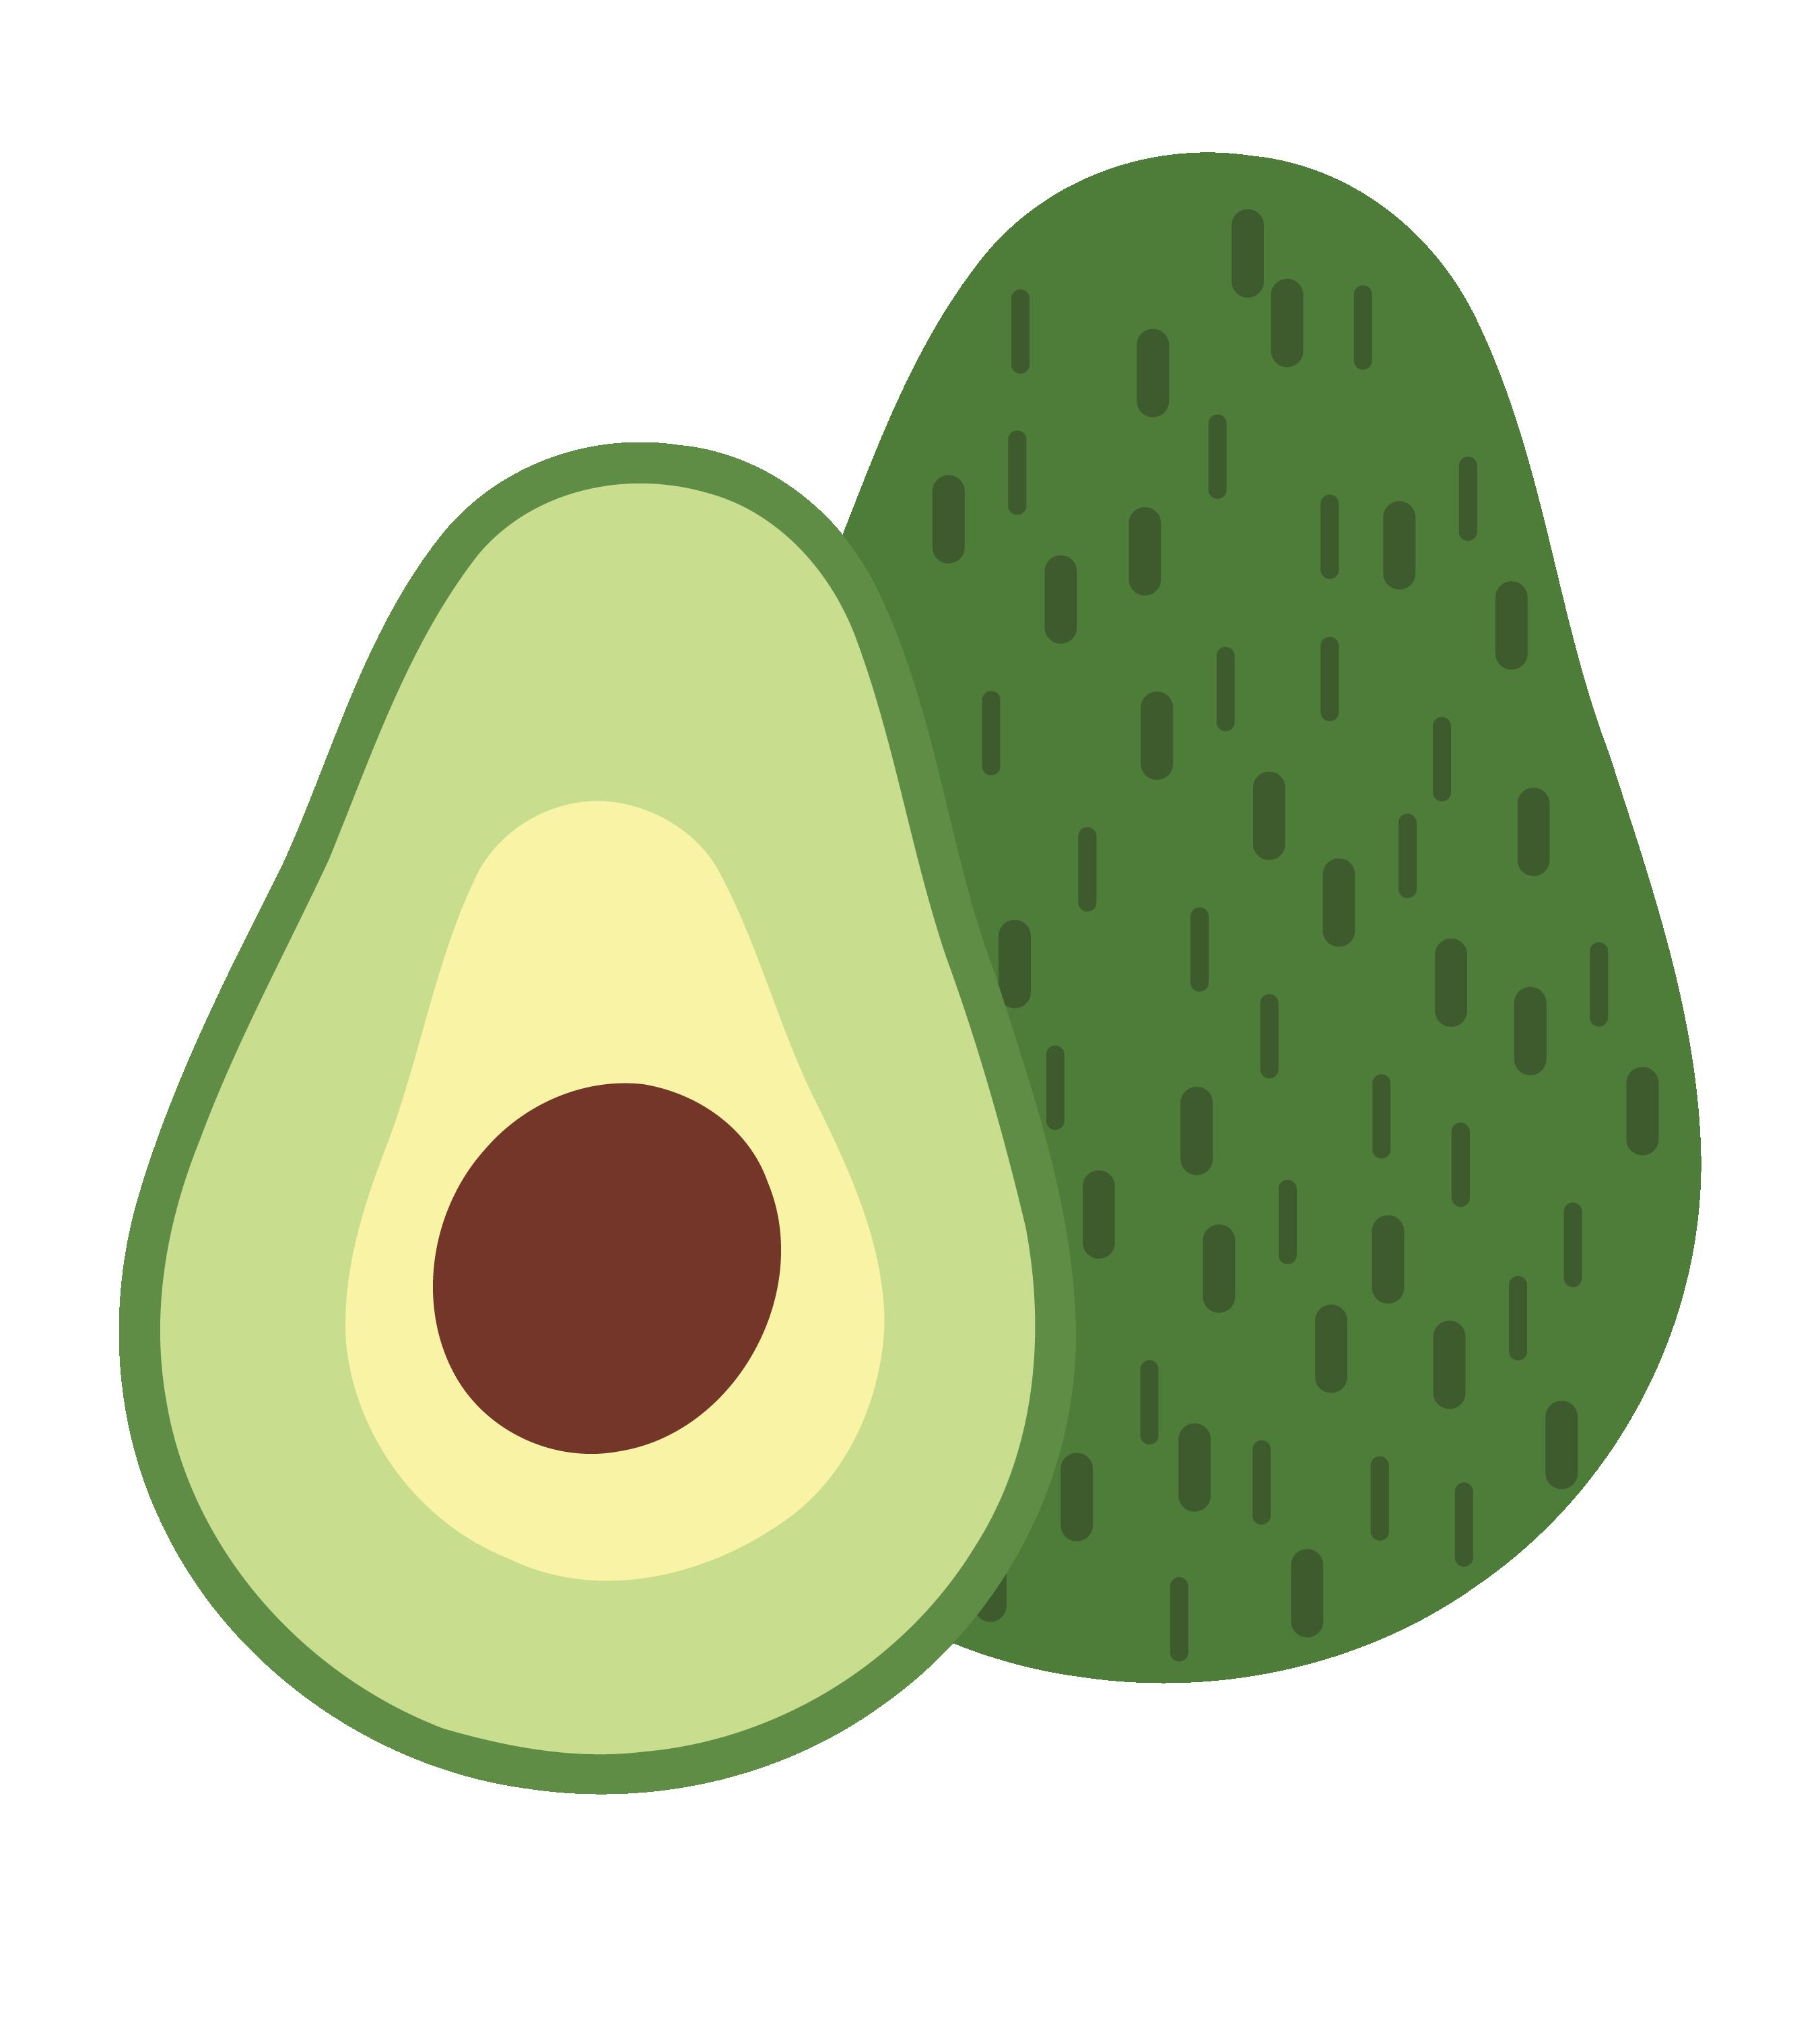 png freeuse download Avocado Printmaking Fruit Illustration